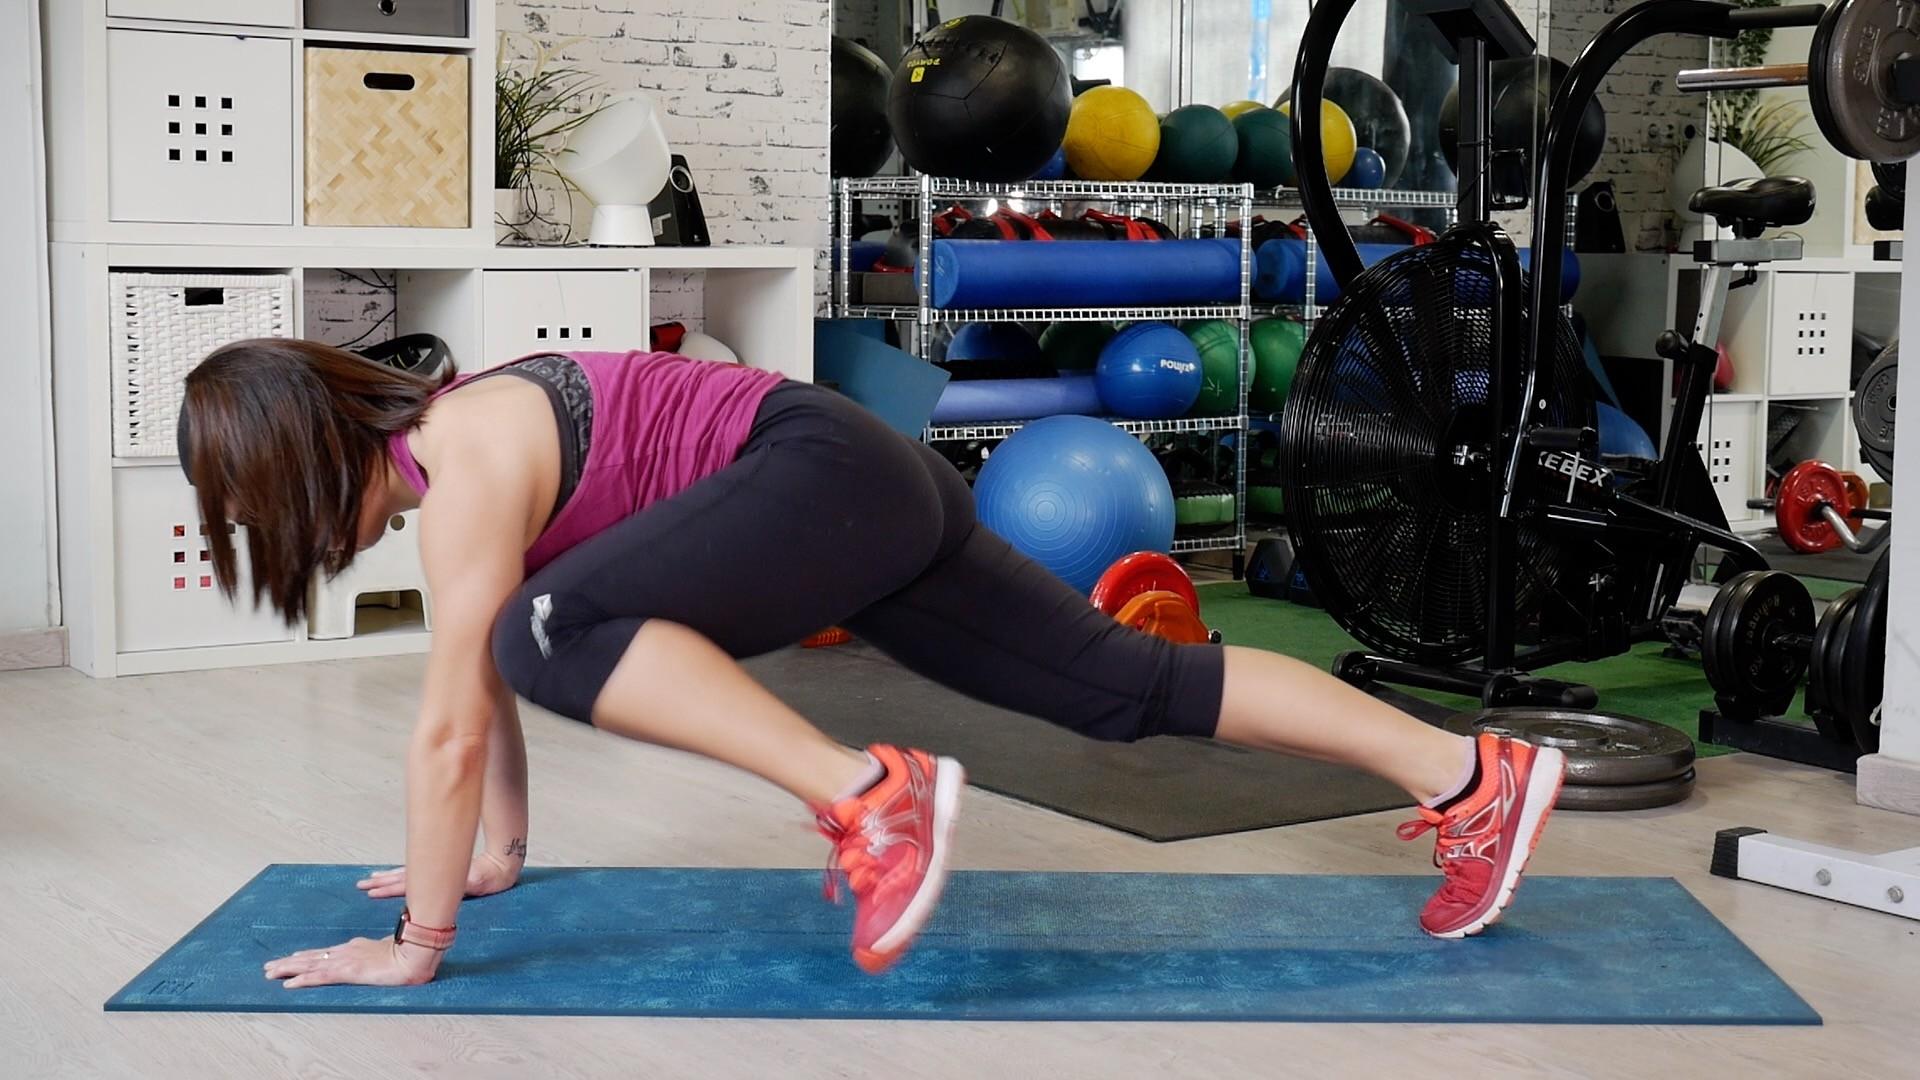 Variaciones del plank  un entrenamiento en vídeo para trabajar tus  abdominales 59ee6585e1a7